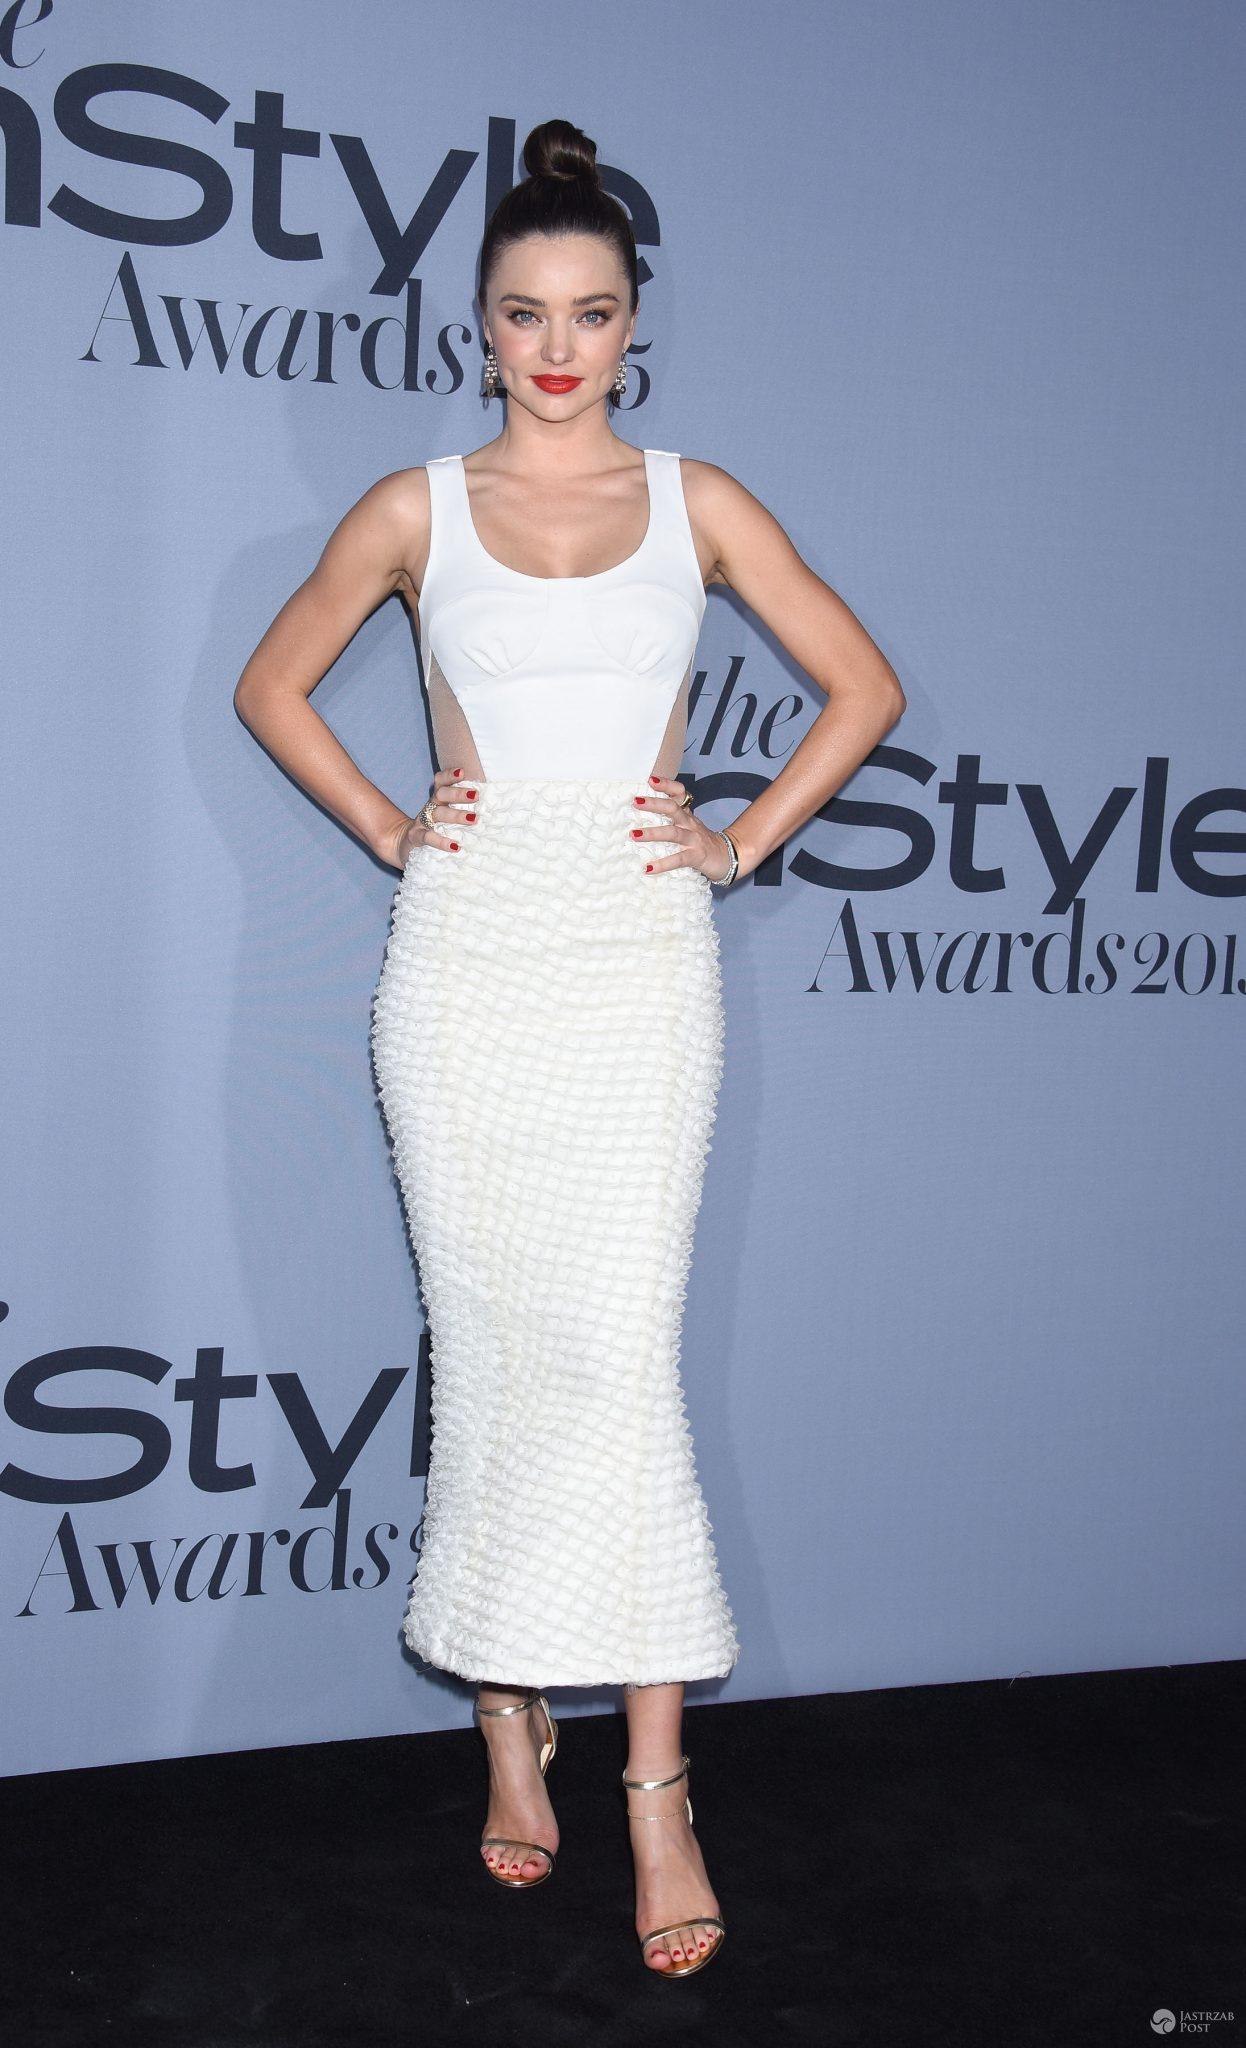 Piękna Miranda Kerr urodziła drugie dziecko! Znamy płeć i imię maleństwa! zdjecie 1